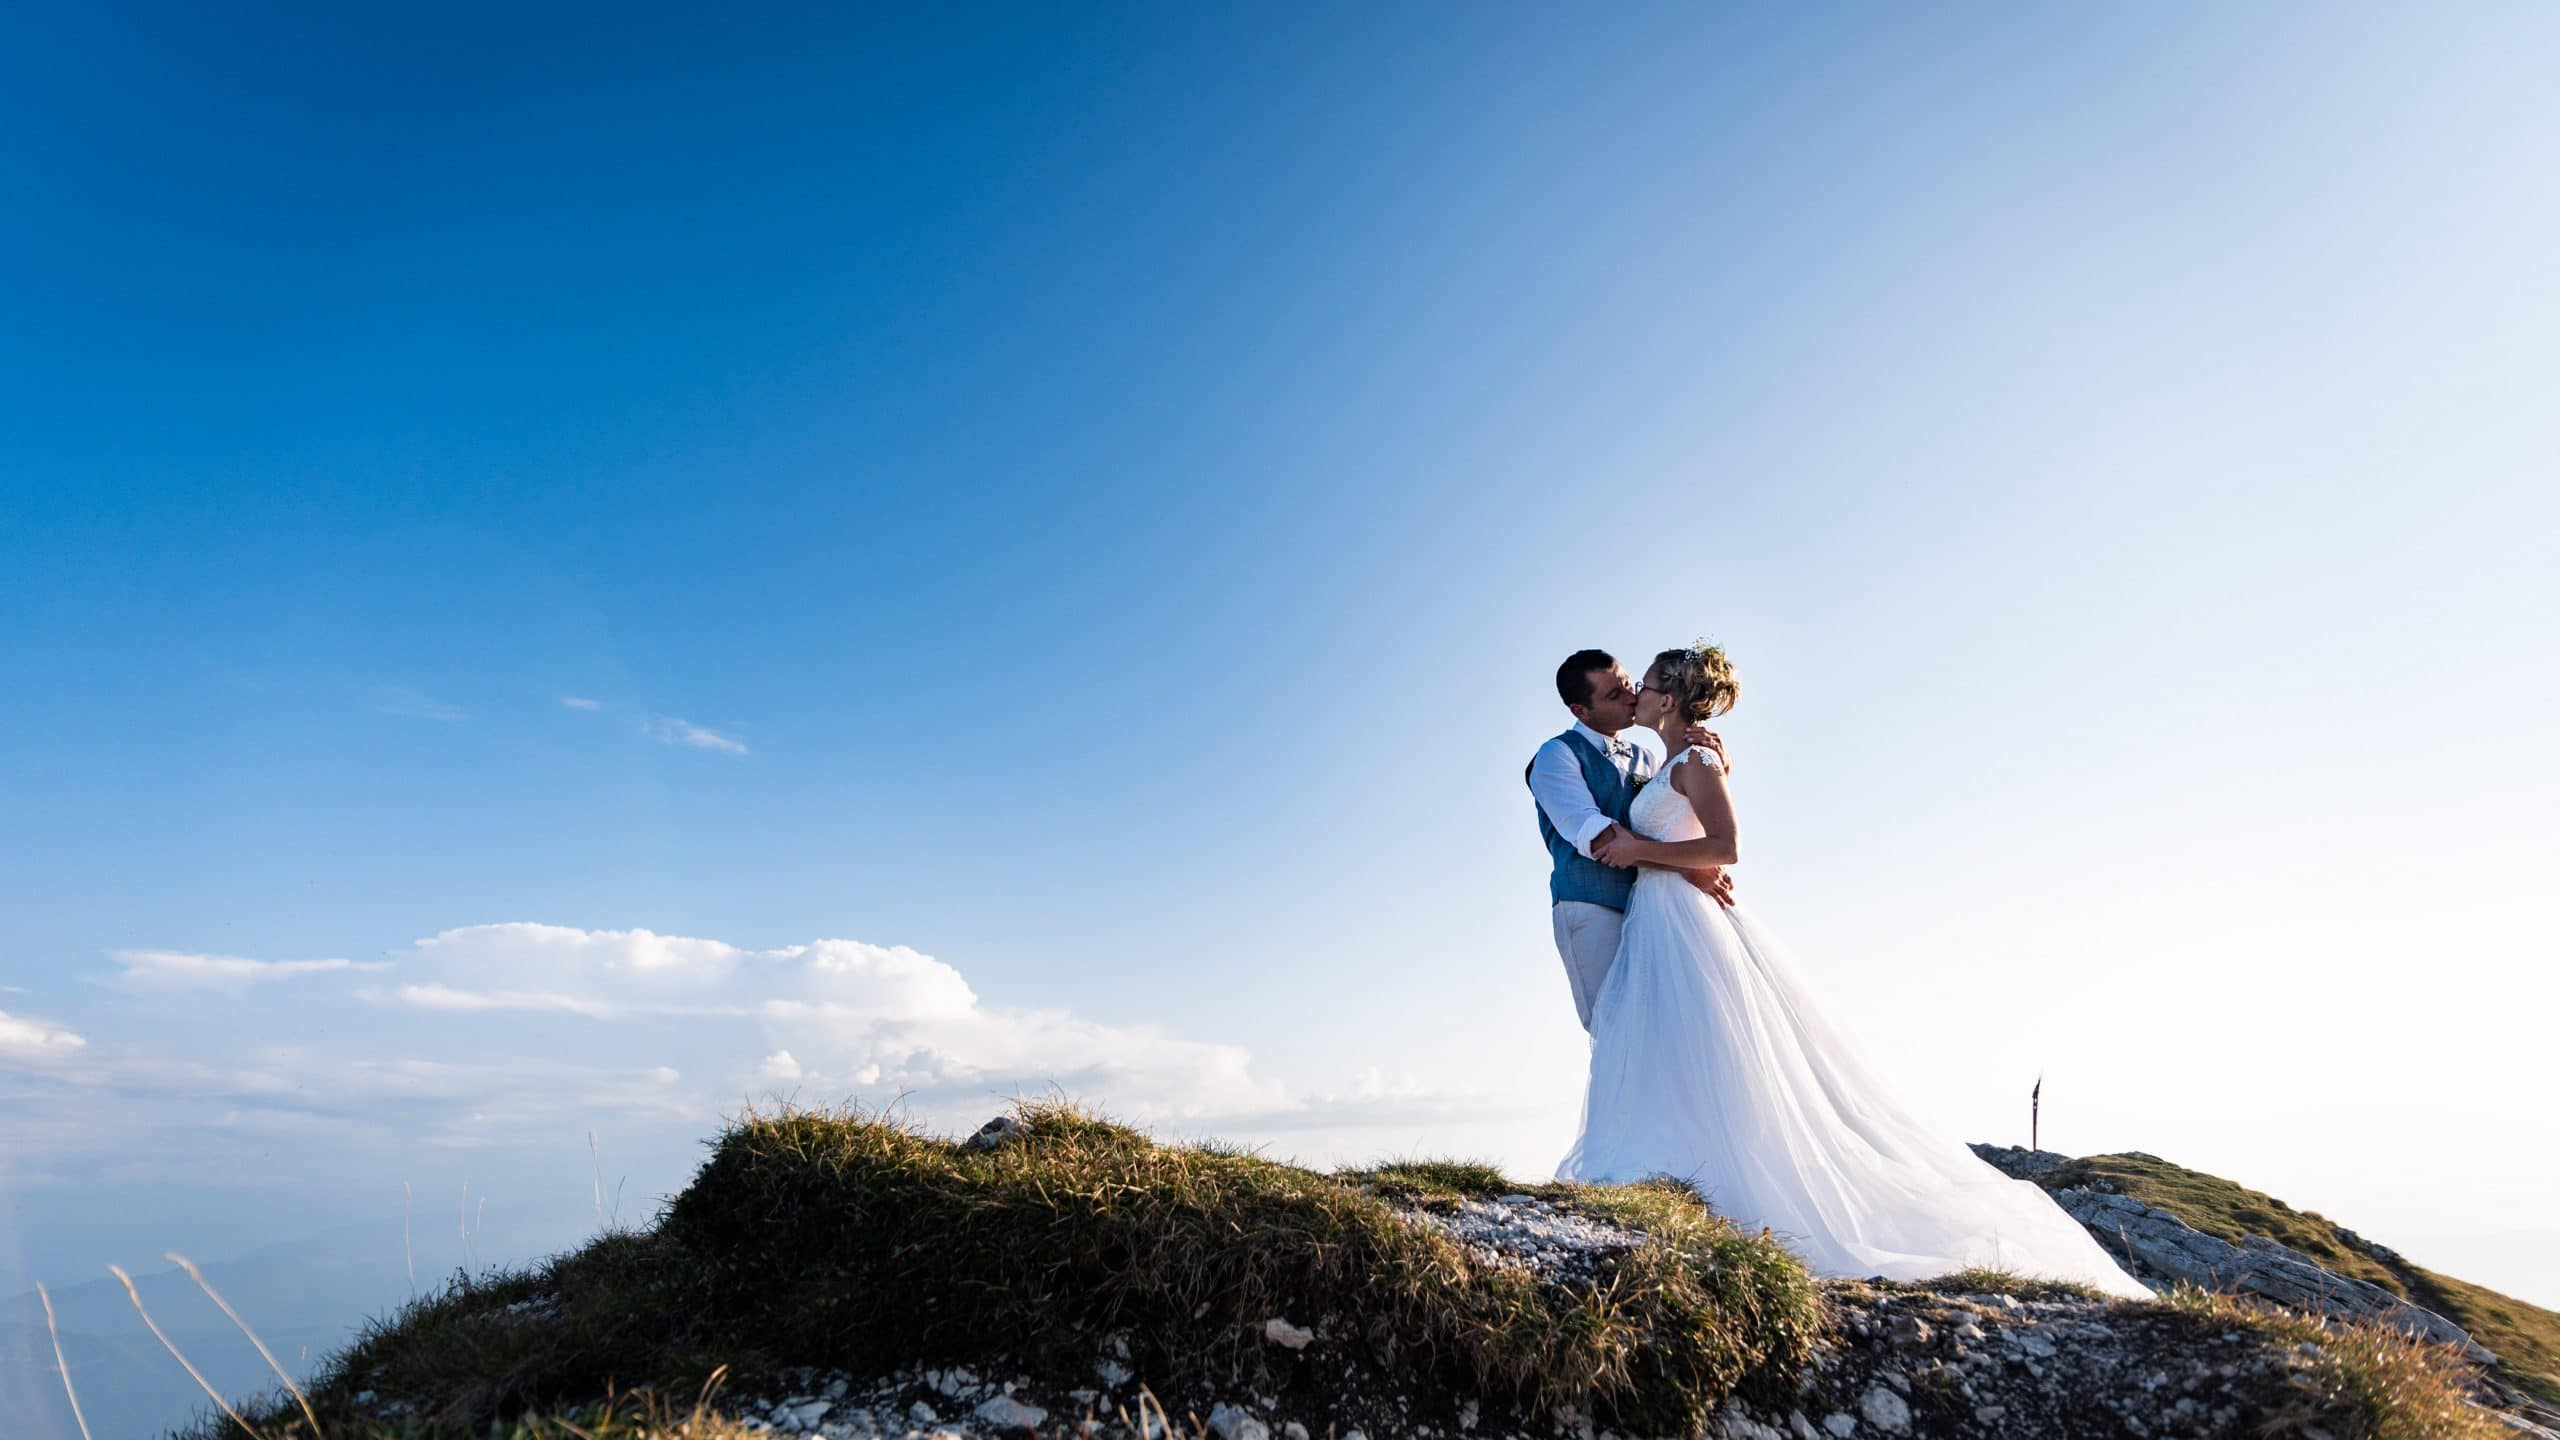 mariage - day after à la montagne